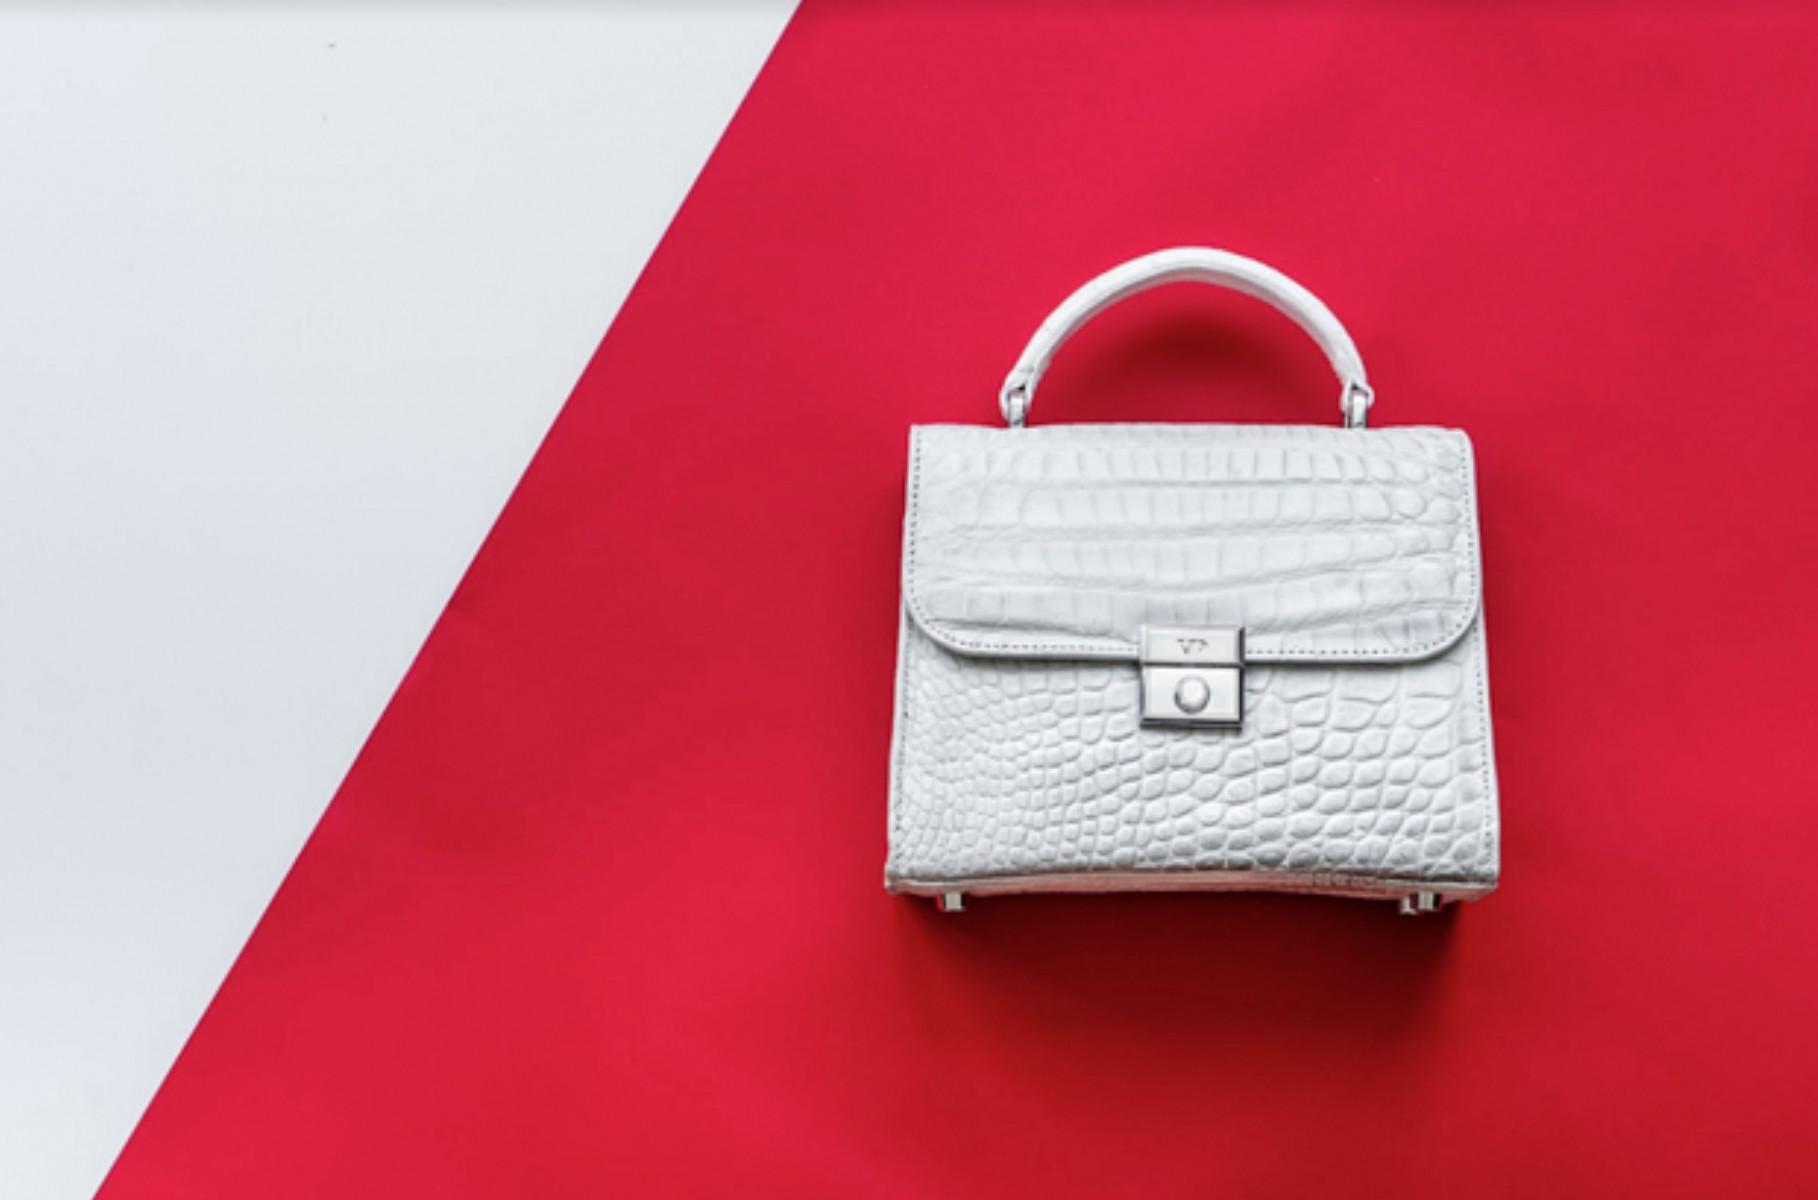 Túi da cá dấu nữ – Gợi ý phong cách năng động cho các nàng mỗi ngày